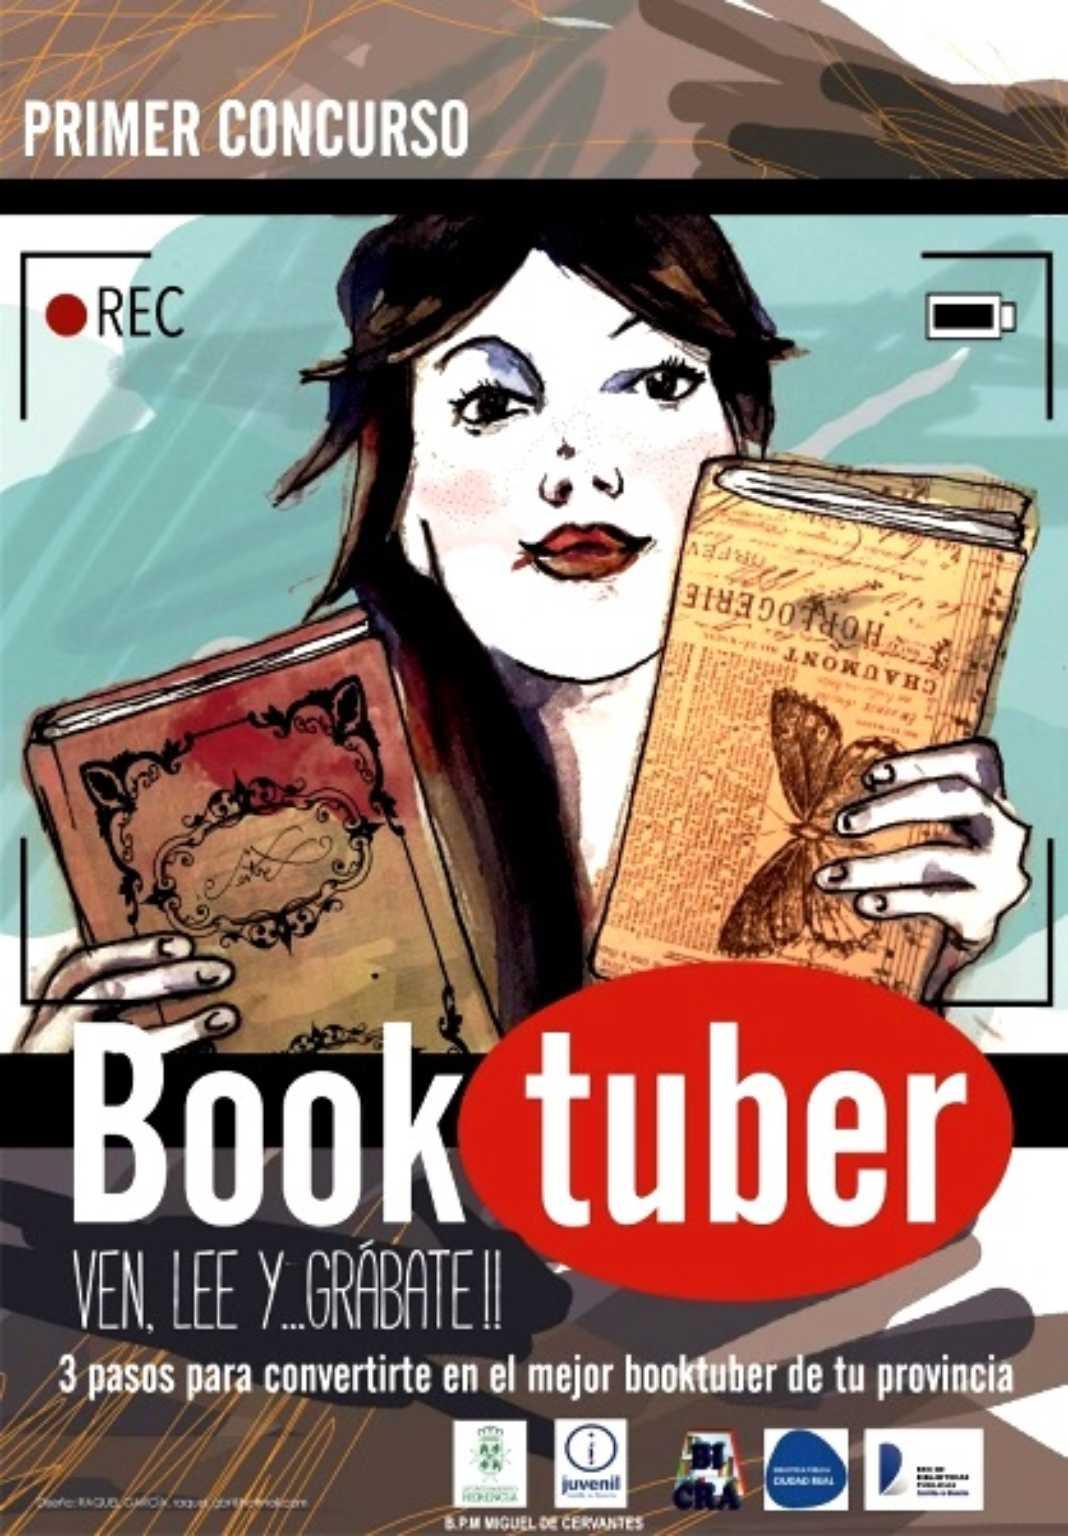 BOOKTUBERS 1 1068x1536 - BOOKTUBERS: Los Hermogeneros disfrutan leyendo